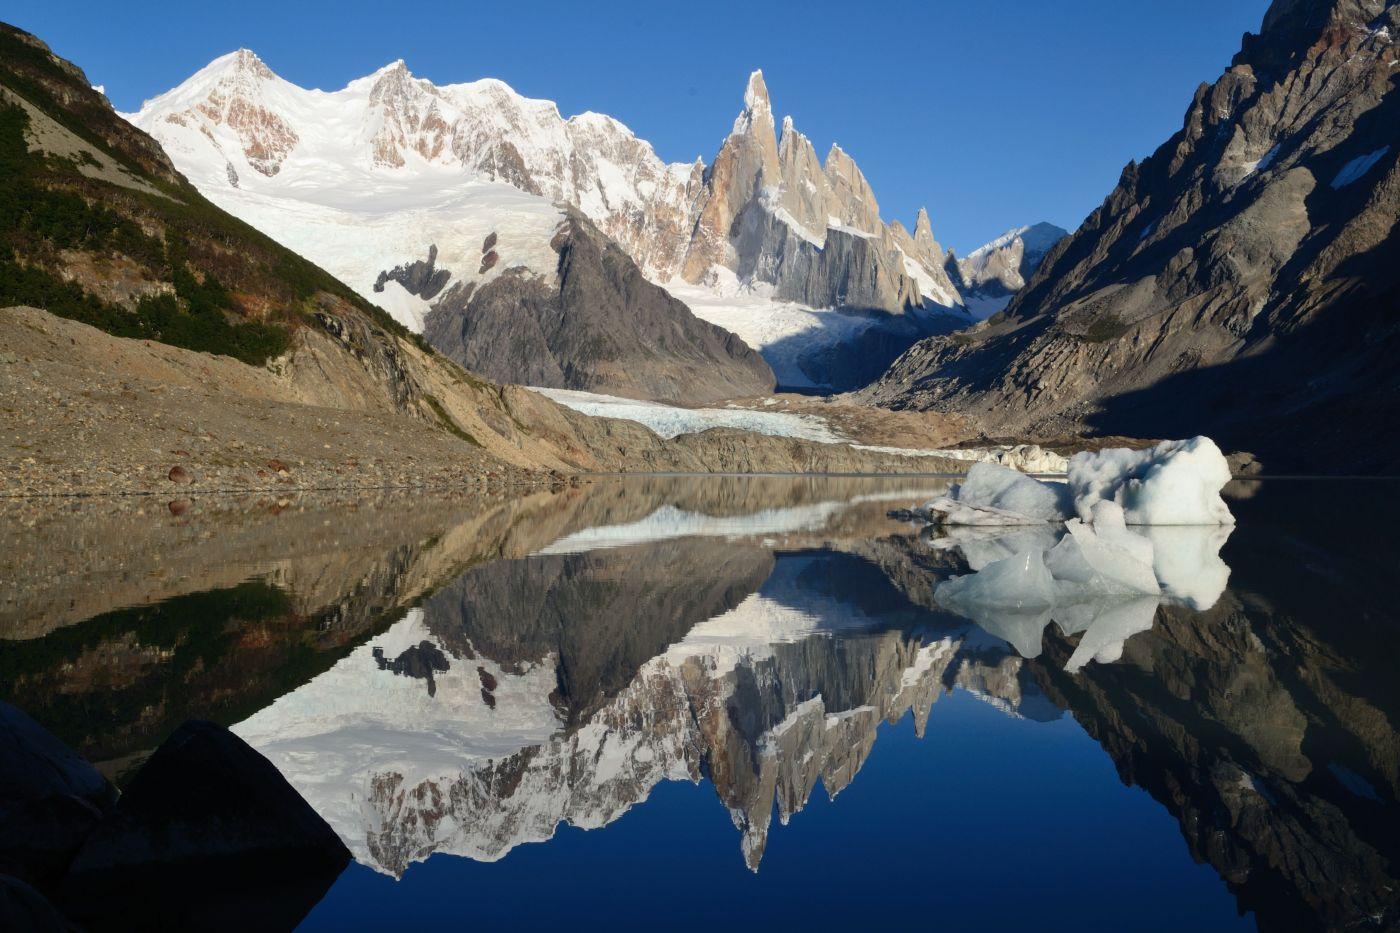 LAGUNA TORRE – um clássico no Parque Nacional Los Glaciares – MOCHILÃO SABÁTICO